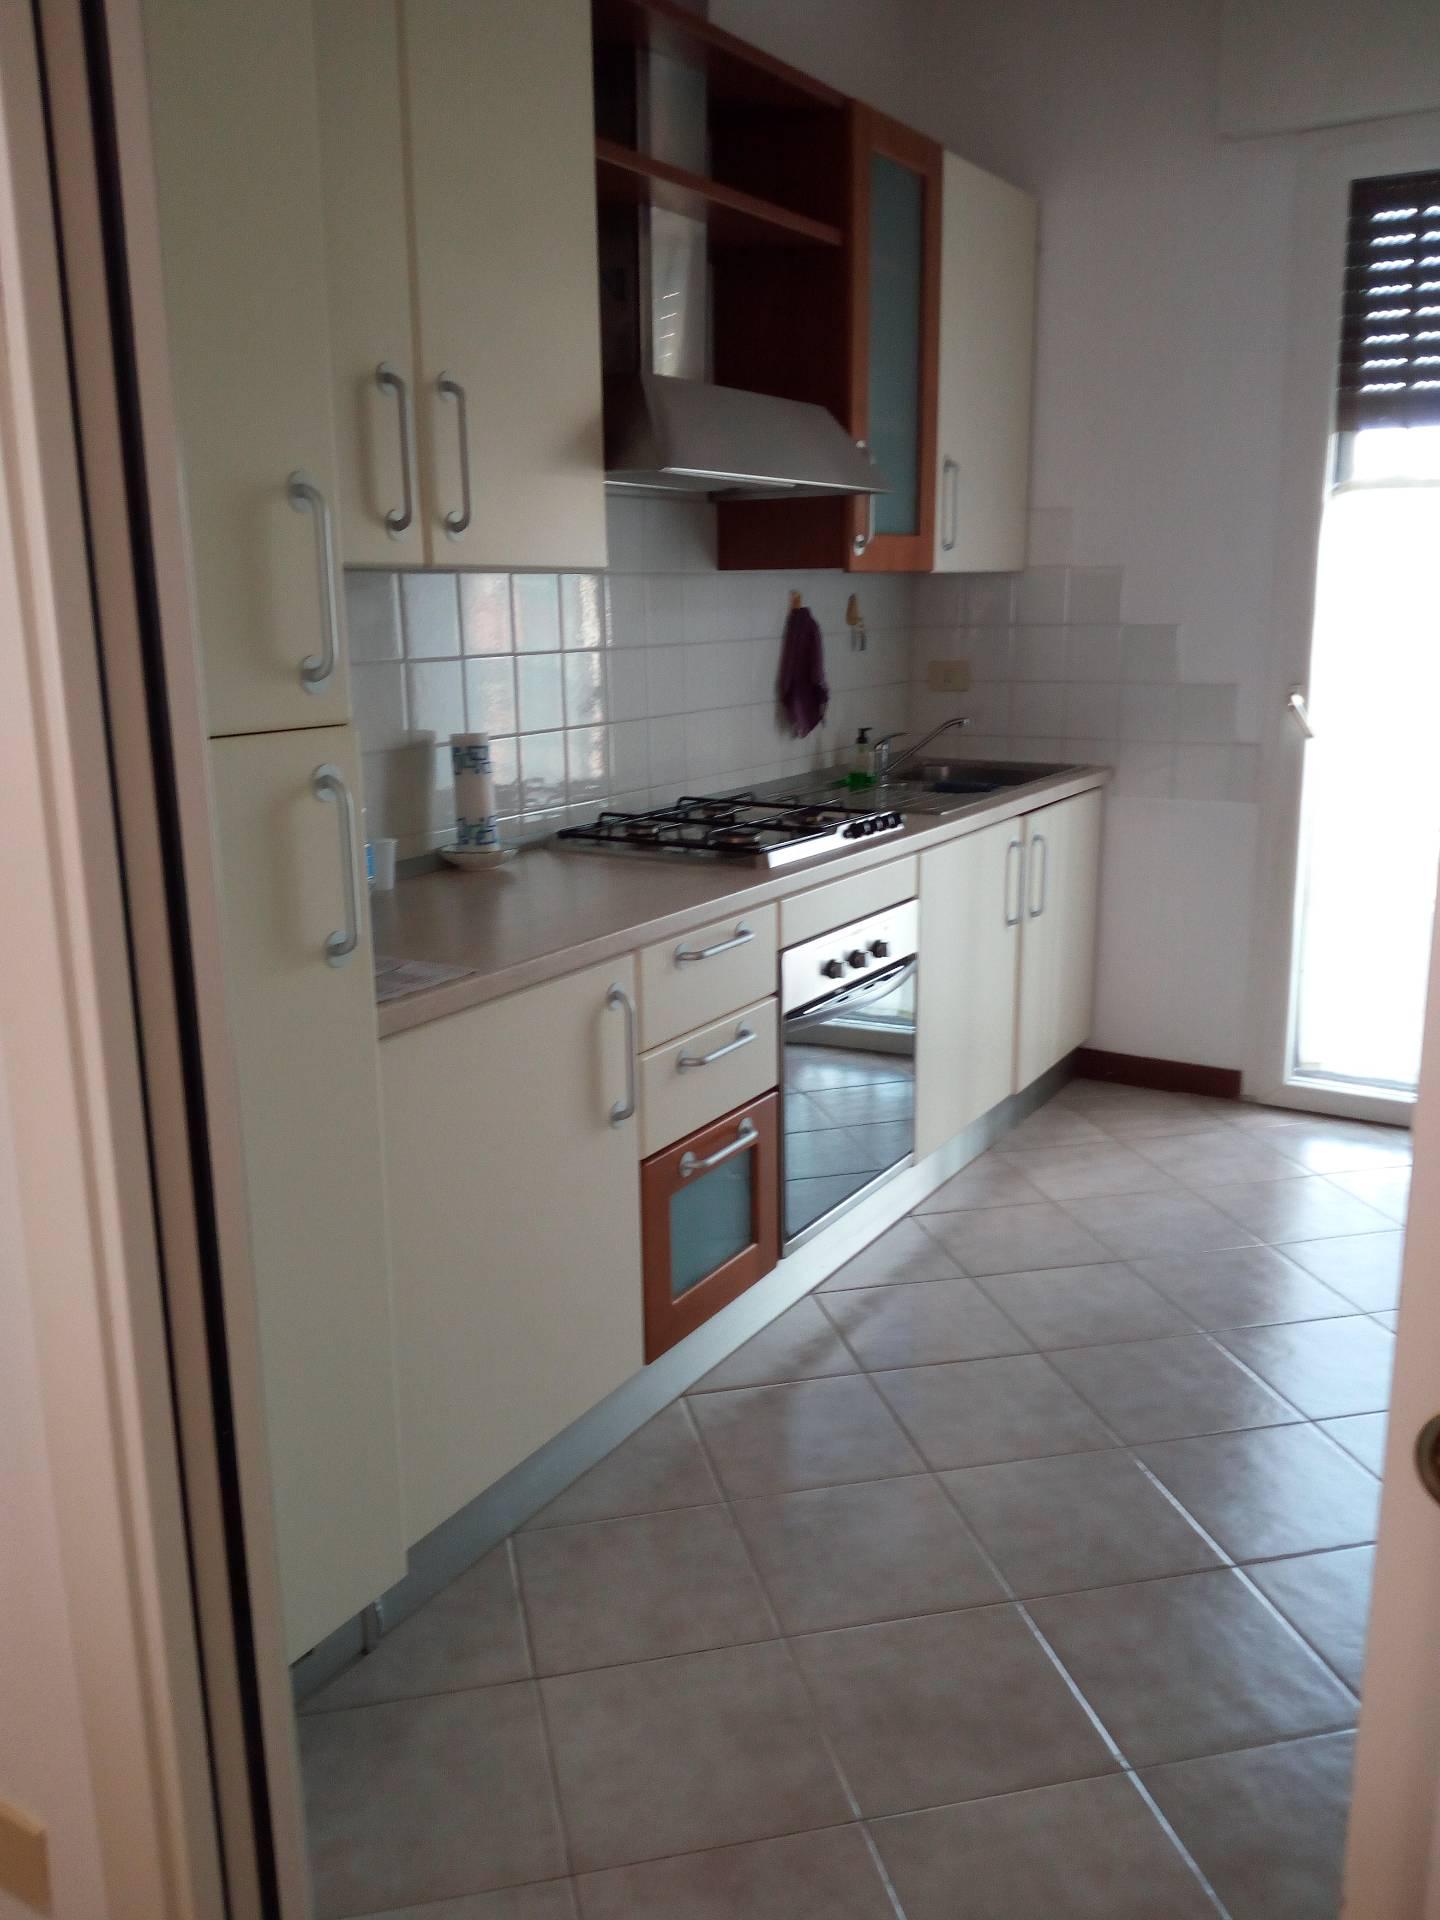 Appartamento in affitto a Lugo, 4 locali, prezzo € 500 | CambioCasa.it